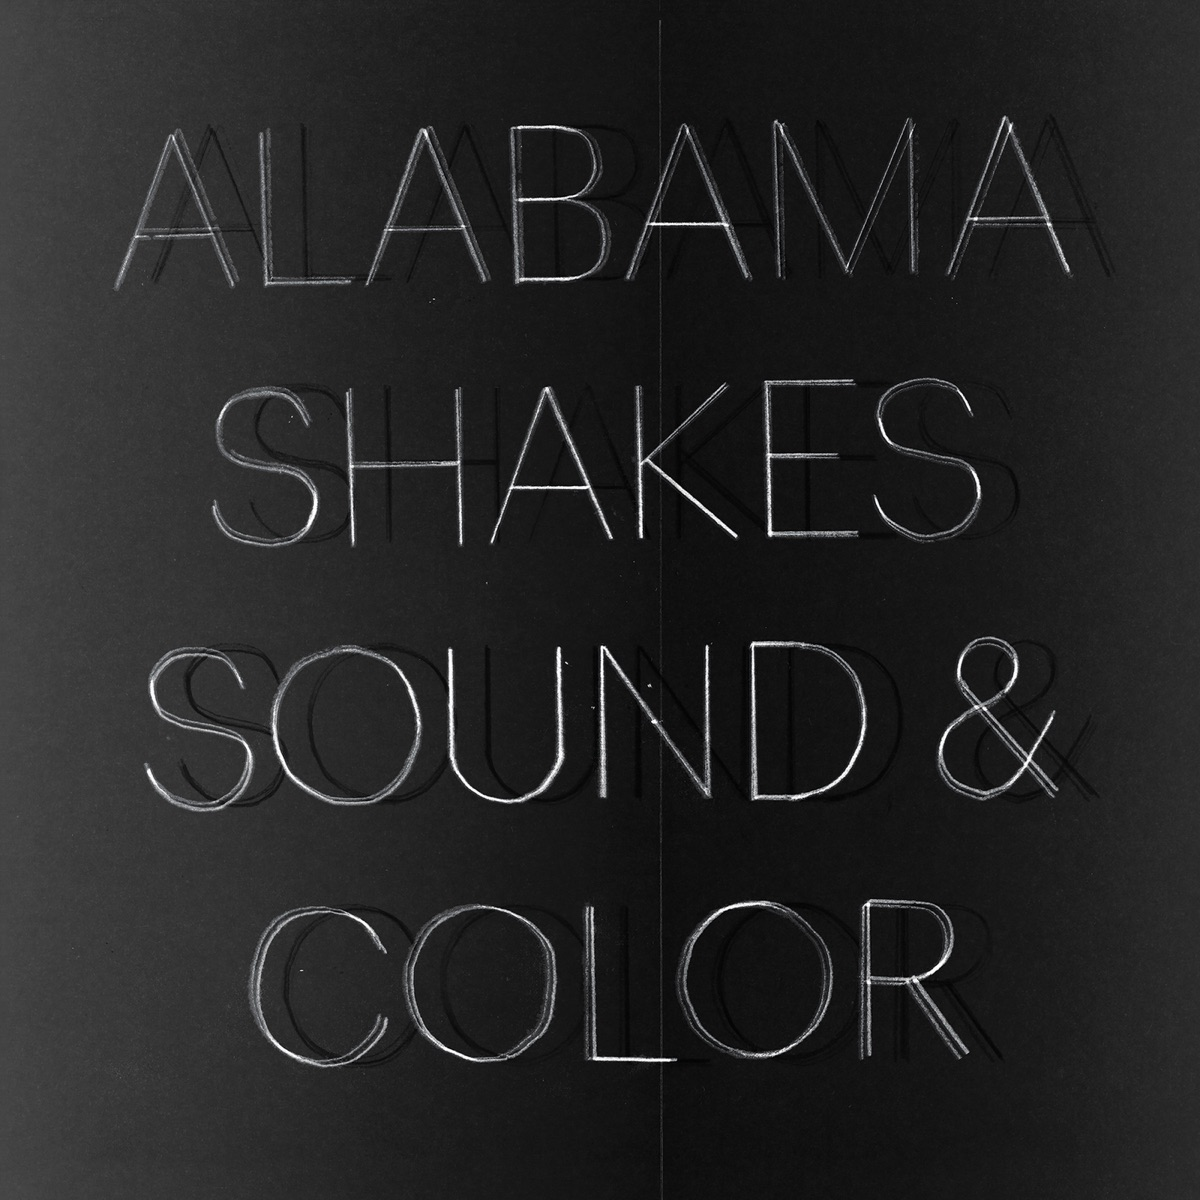 Sound & Color Album Cover by Alabama Shakes